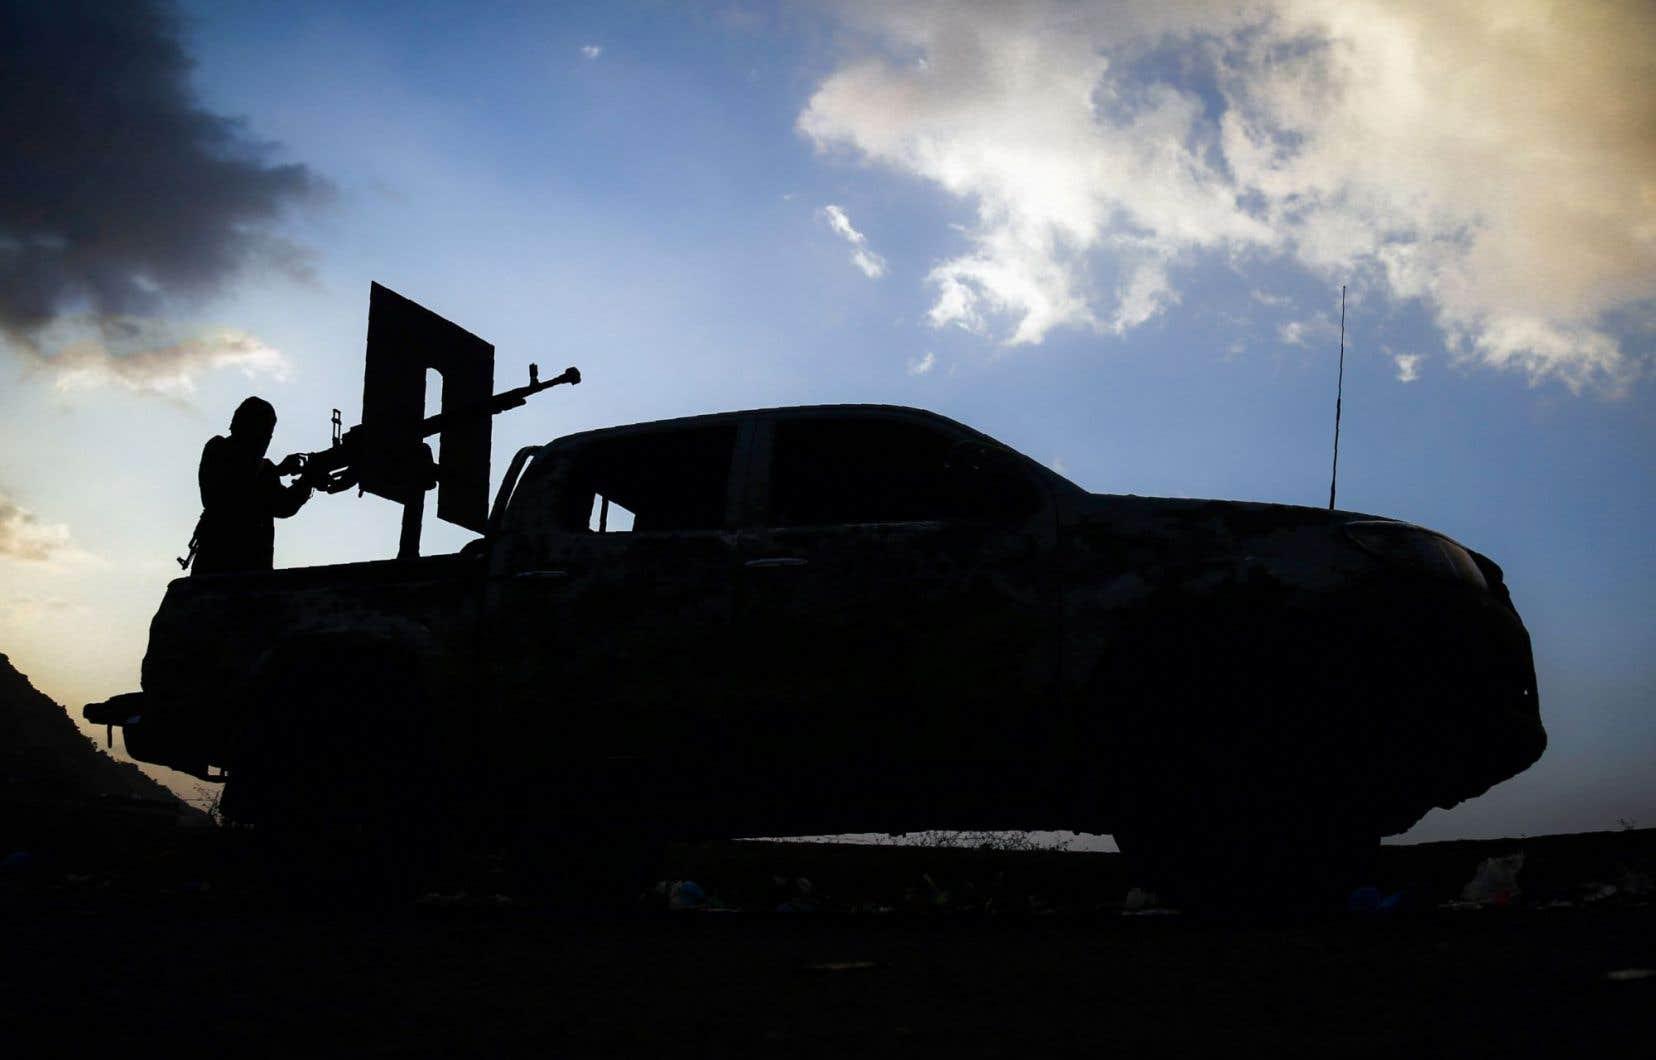 Vingt-quatre rebelles et 14 membres des forces progouvernementales ont été tués au cours des dernières 24 heures dans des combats.